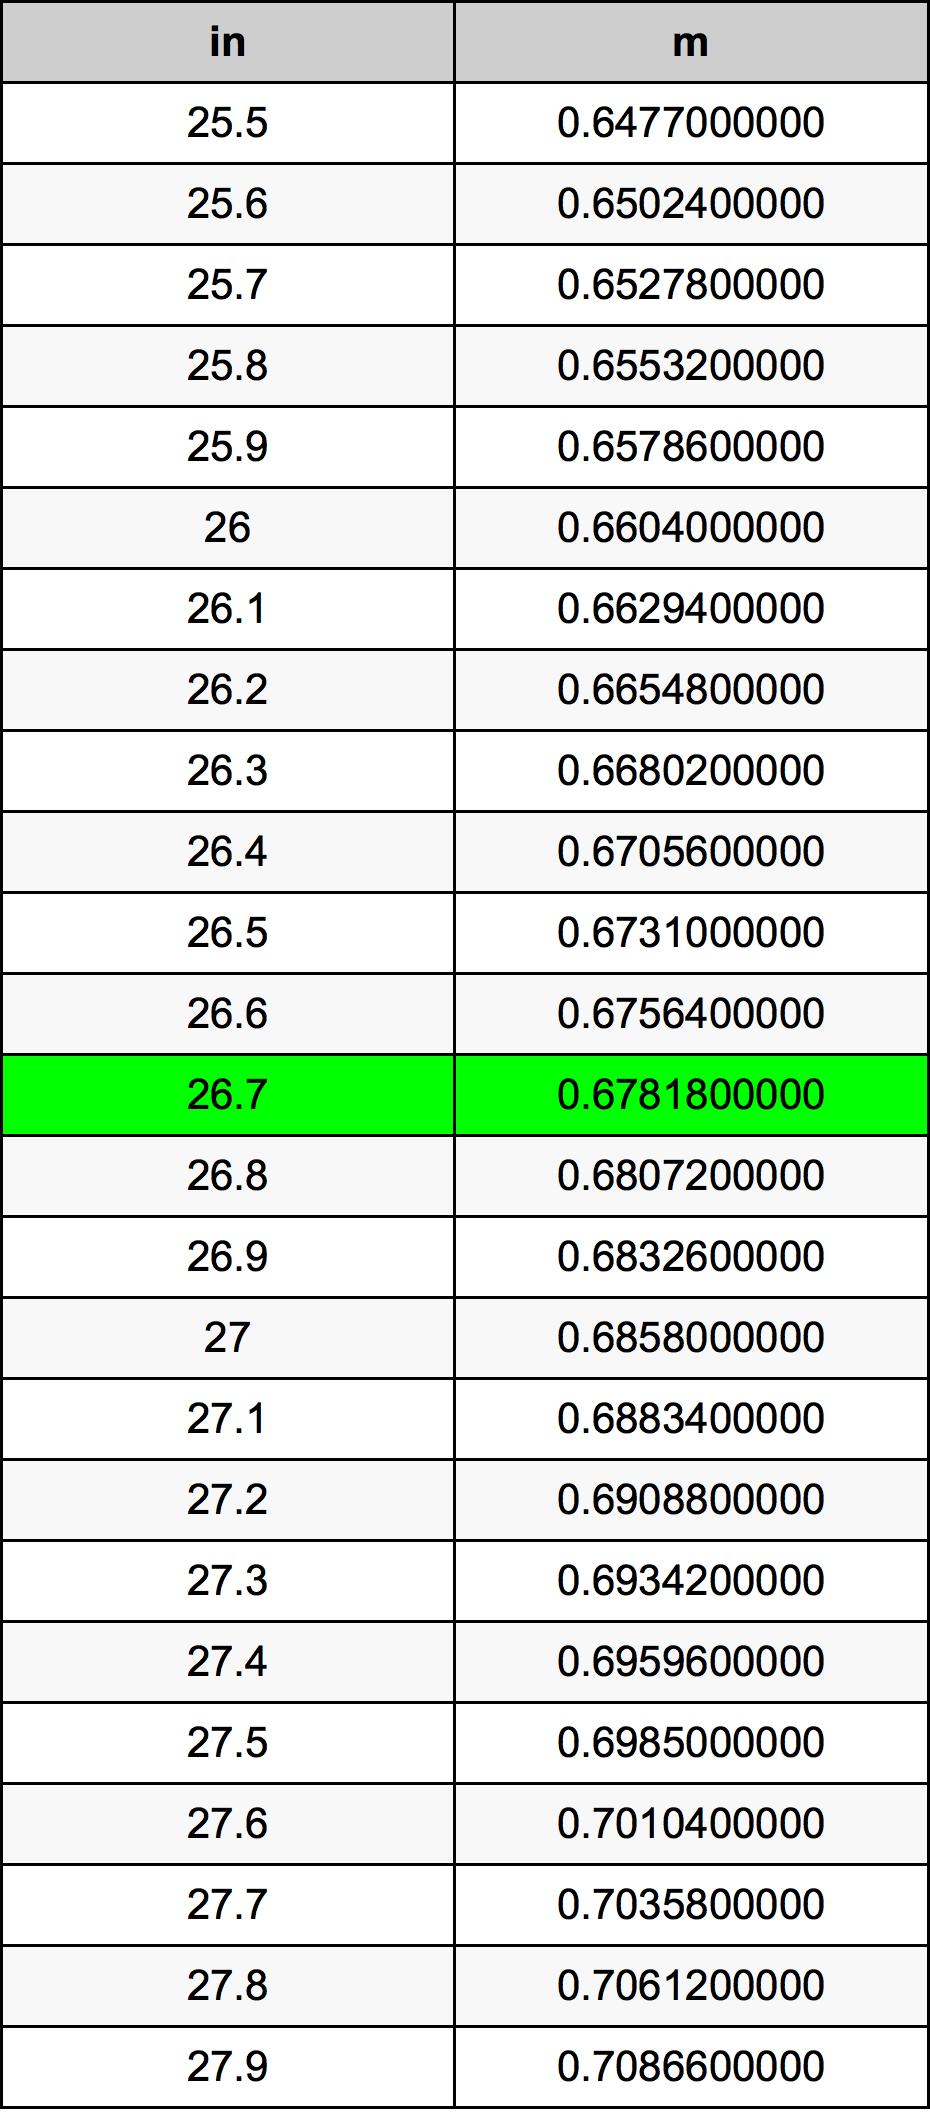 26.7 인치 변환 표